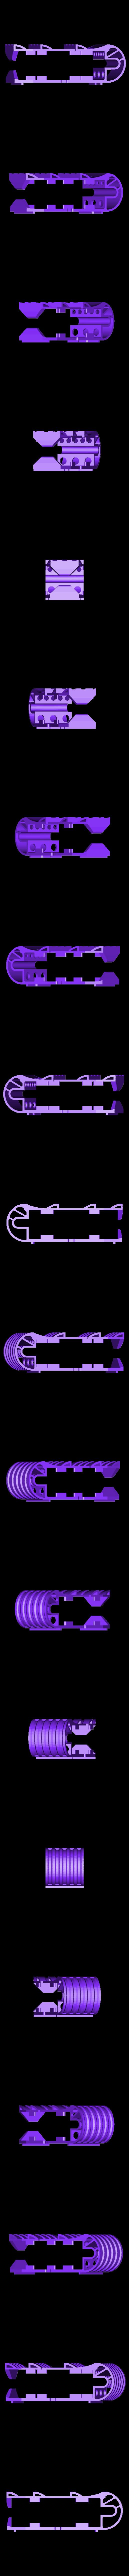 x210_Protector_LiPo_01.stl Télécharger fichier STL gratuit Realacc X210 pod (qav-x). Racing Quad N!PodWE • Modèle imprimable en 3D, alexlpr